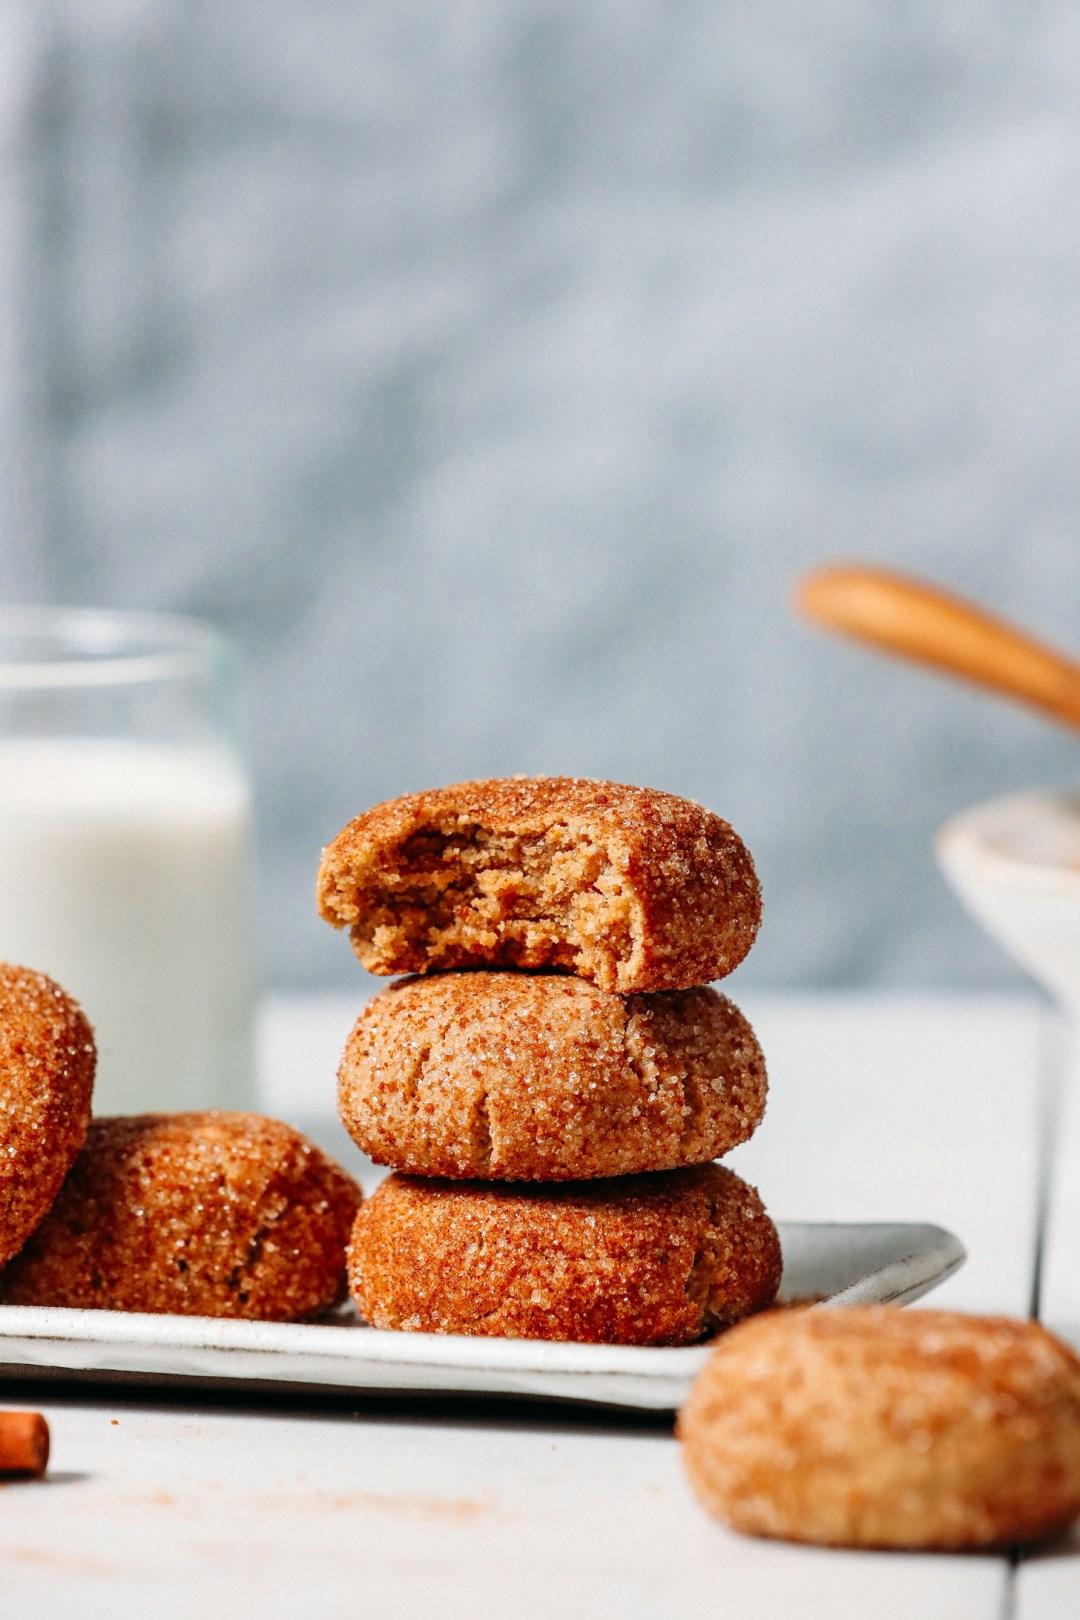 Pila de galletas veganas sin gluten Snickerdoodle con la galleta superior sin un bocado